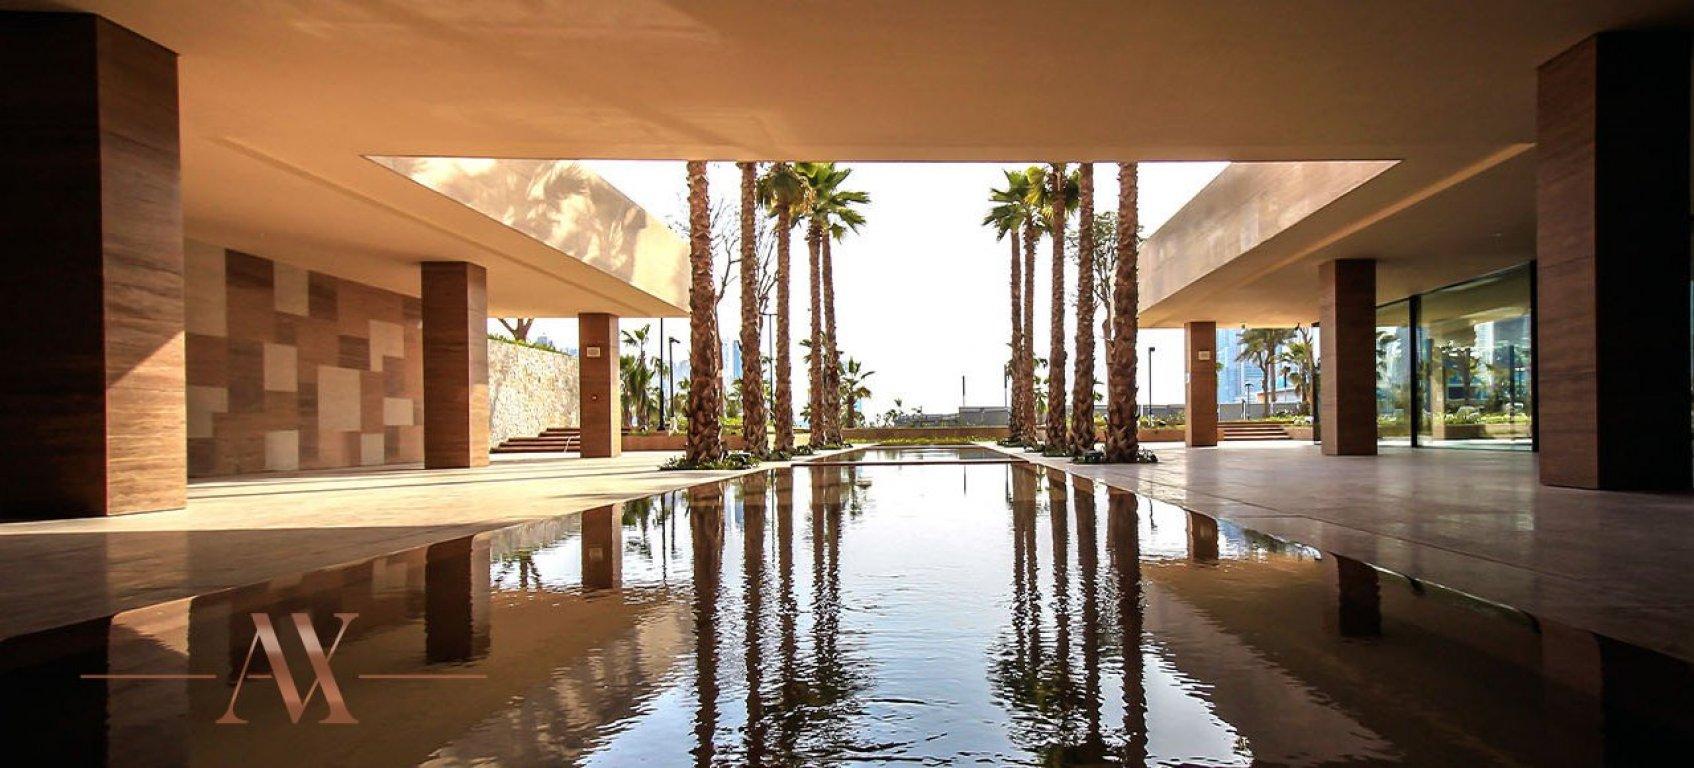 Duplex for sale in Dubai, UAE, 5 bedrooms, 1229 m2, No. 23823 – photo 4